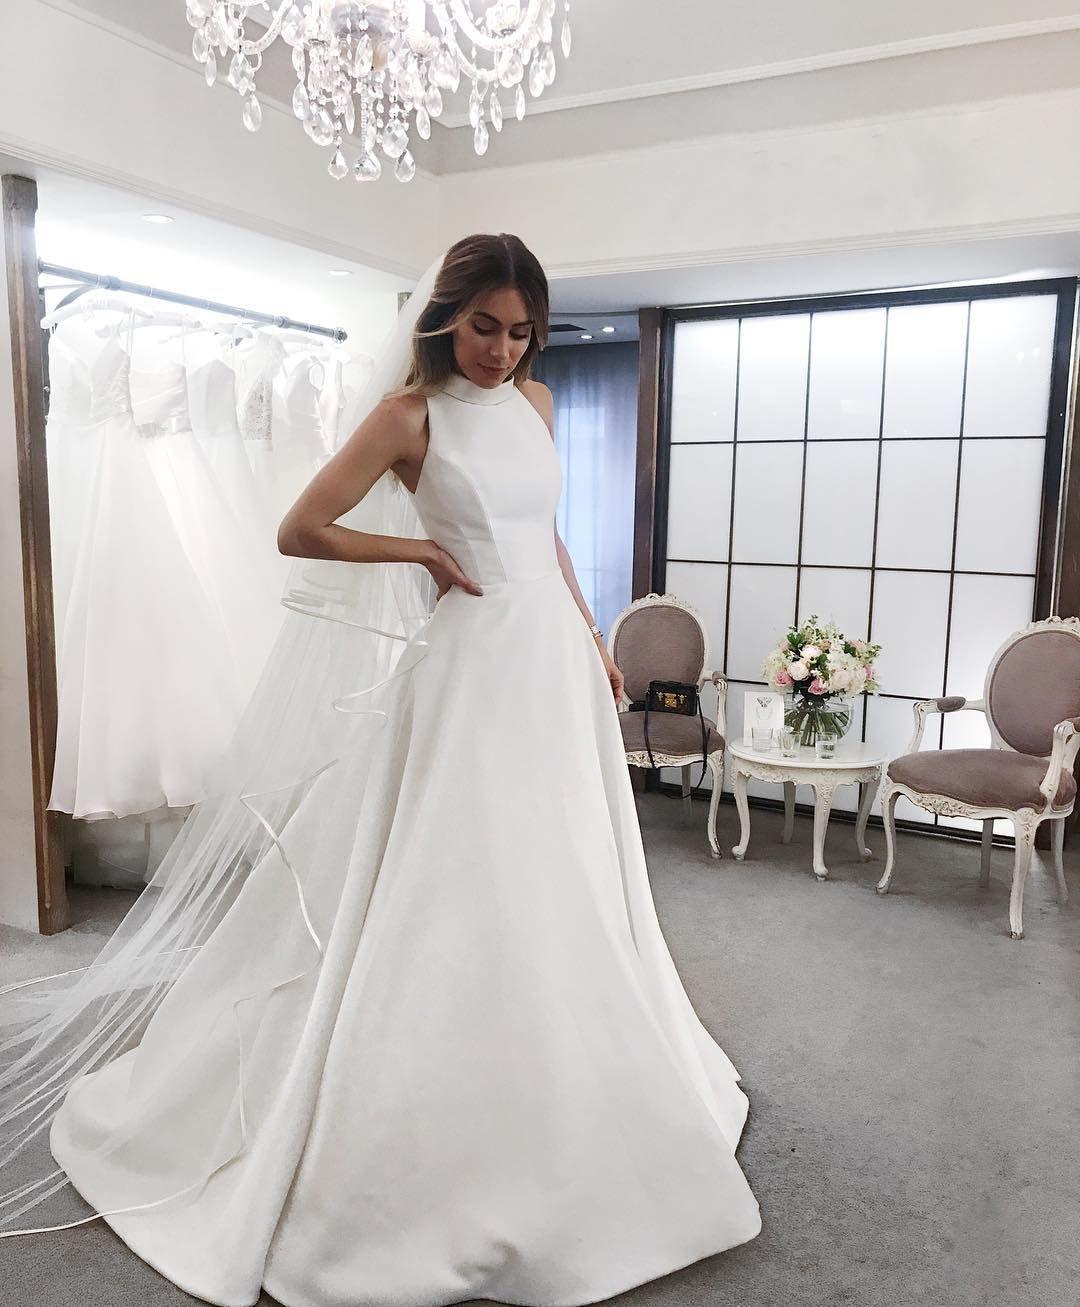 Morning wedding dresses  ɪᴛus ᴛʜᴇ ʟɪᴛᴛʟᴇ ᴛʜɪɴɢs ᴛʜᴀᴛ ᴍᴀᴛᴛᴇʀ fatmaasad